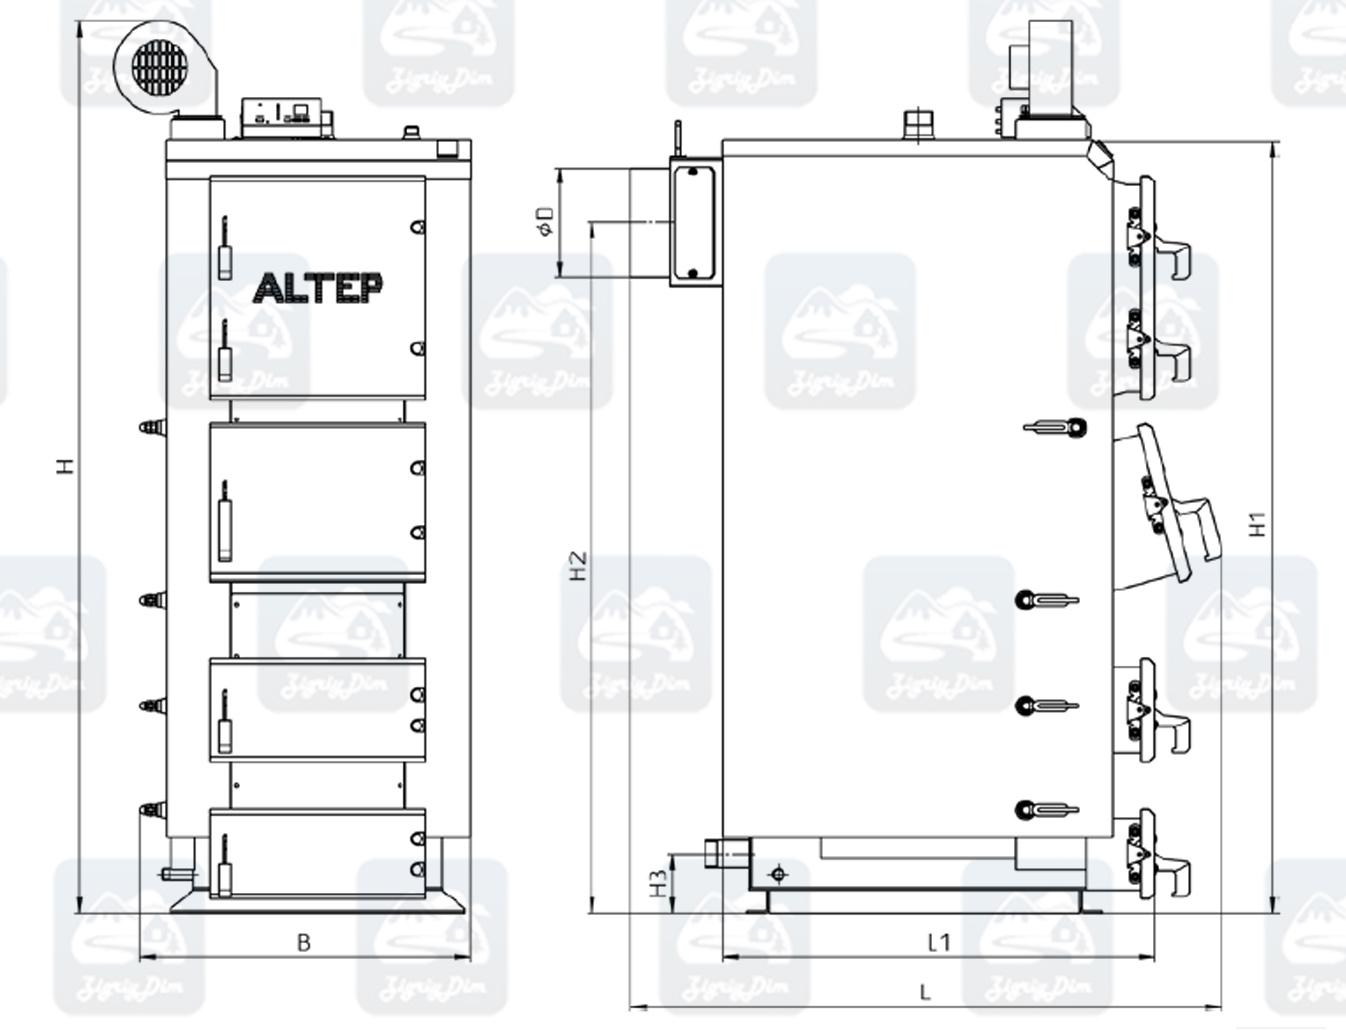 Габаритные размеры твердотопливного котла Altep KT-2E / Duo Plus (50-120 кВт)